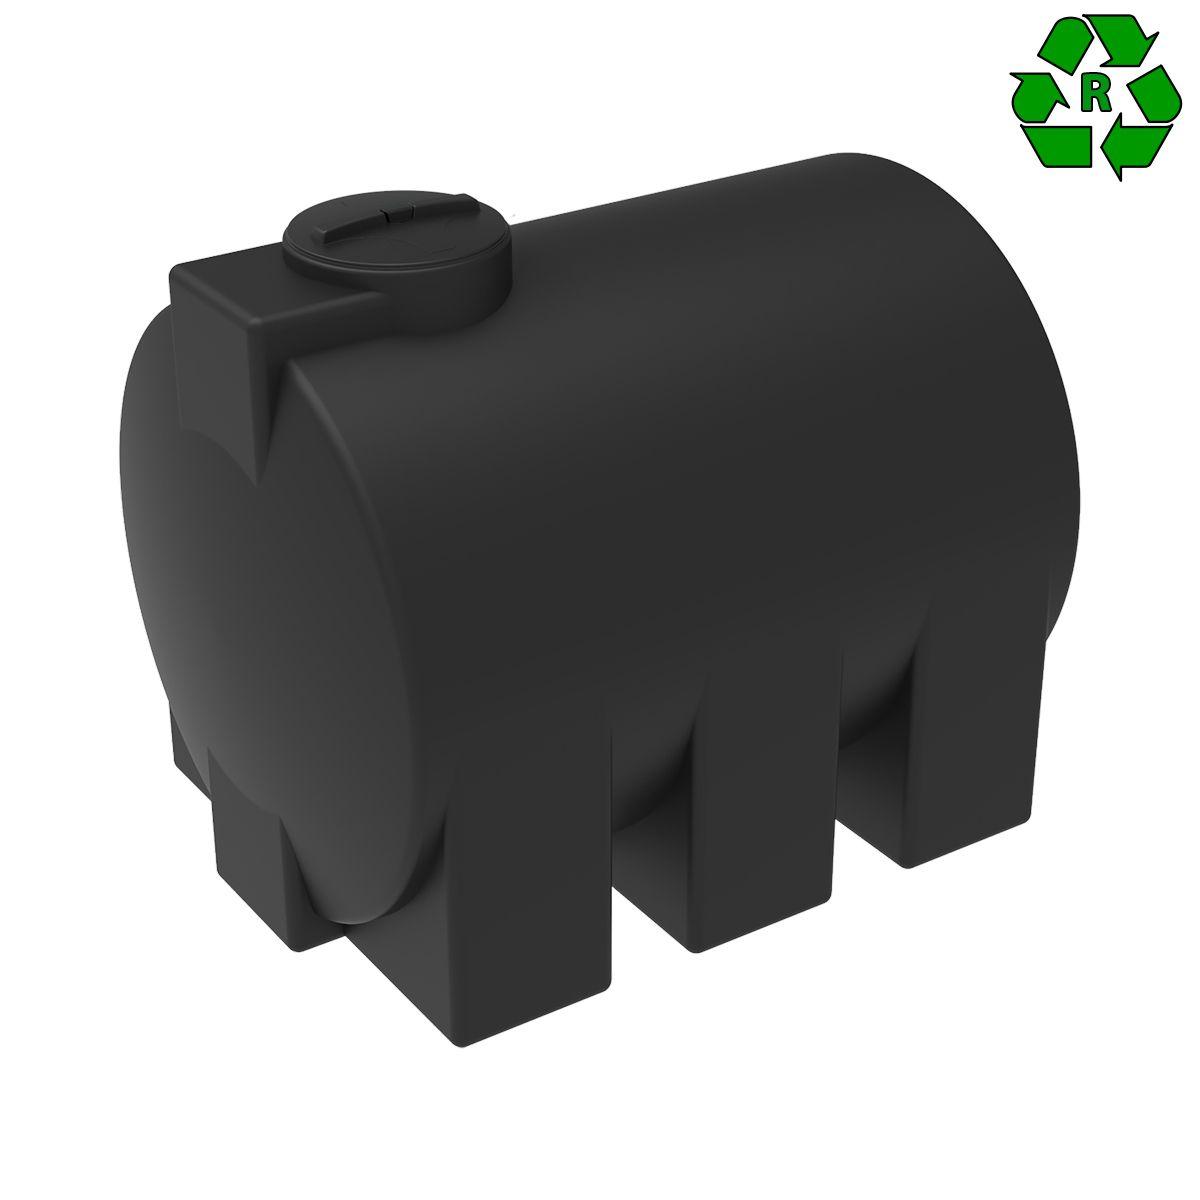 Емкость R ЭВГ 3000 литров пластиковая